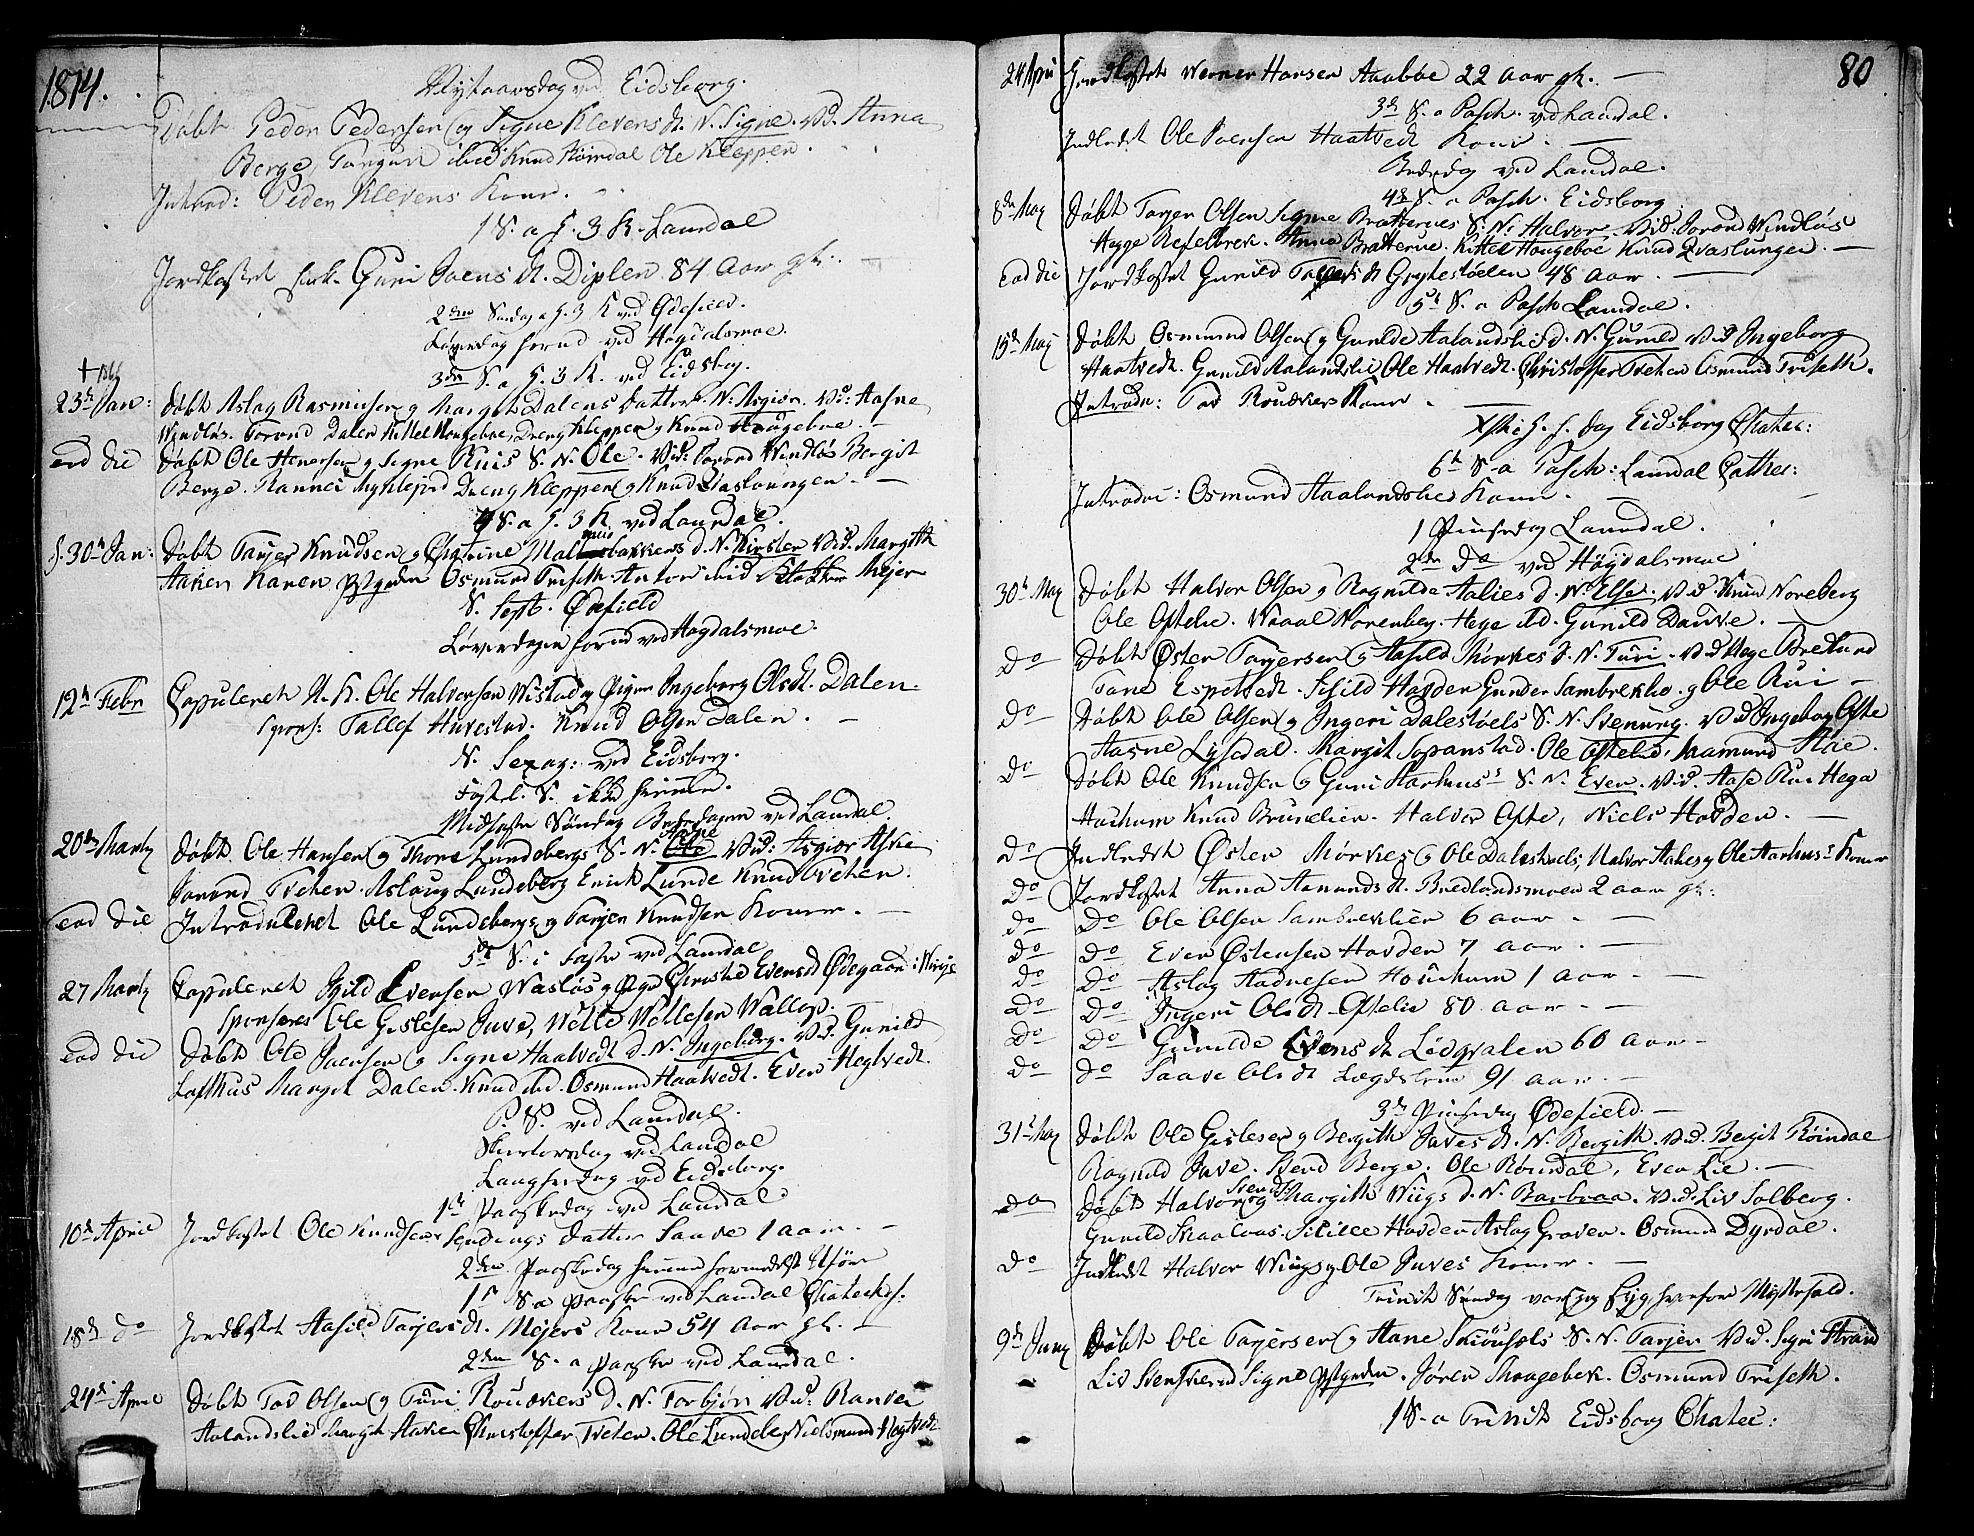 SAKO, Lårdal kirkebøker, F/Fa/L0004: Ministerialbok nr. I 4, 1790-1814, s. 80